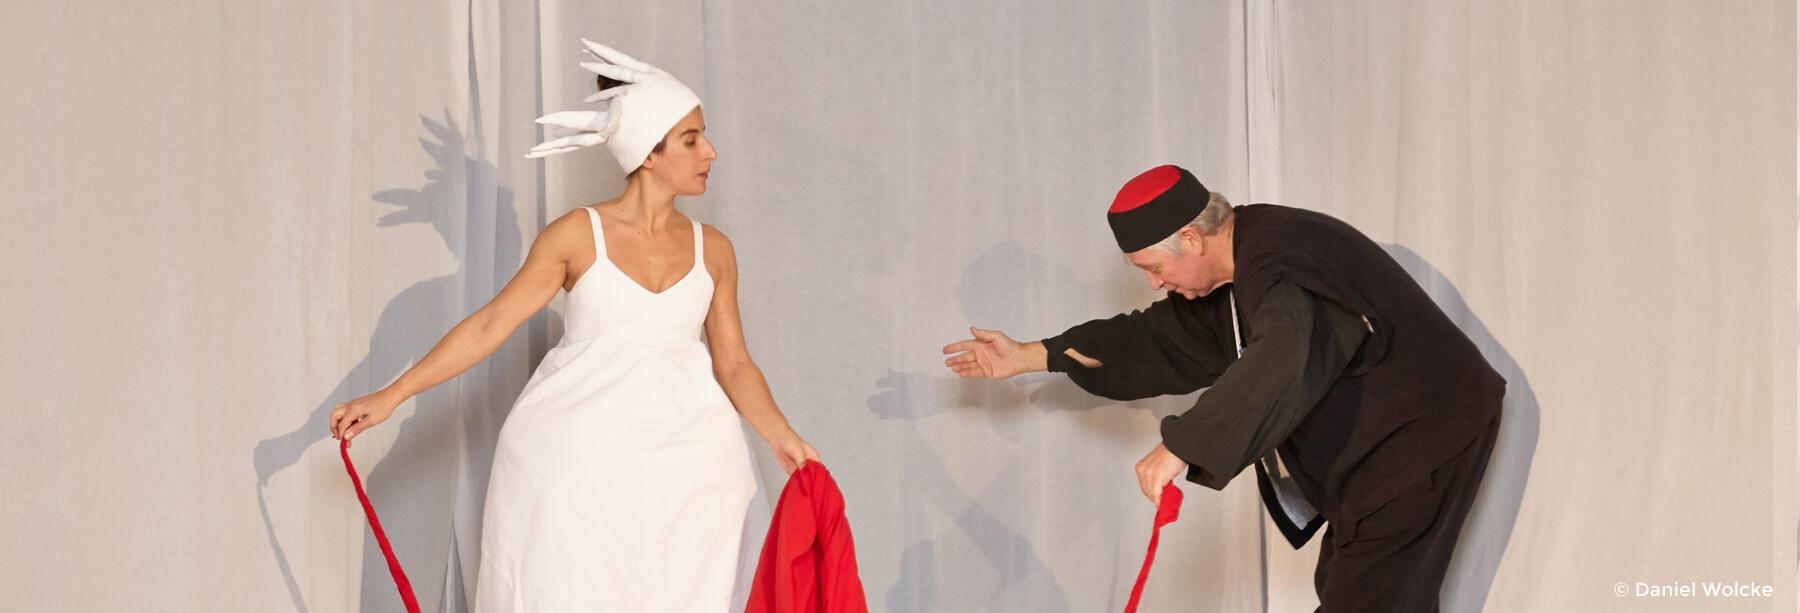 Marcella Amatamia und Peter Markhoff in Theaterstück Die Königin der Farben